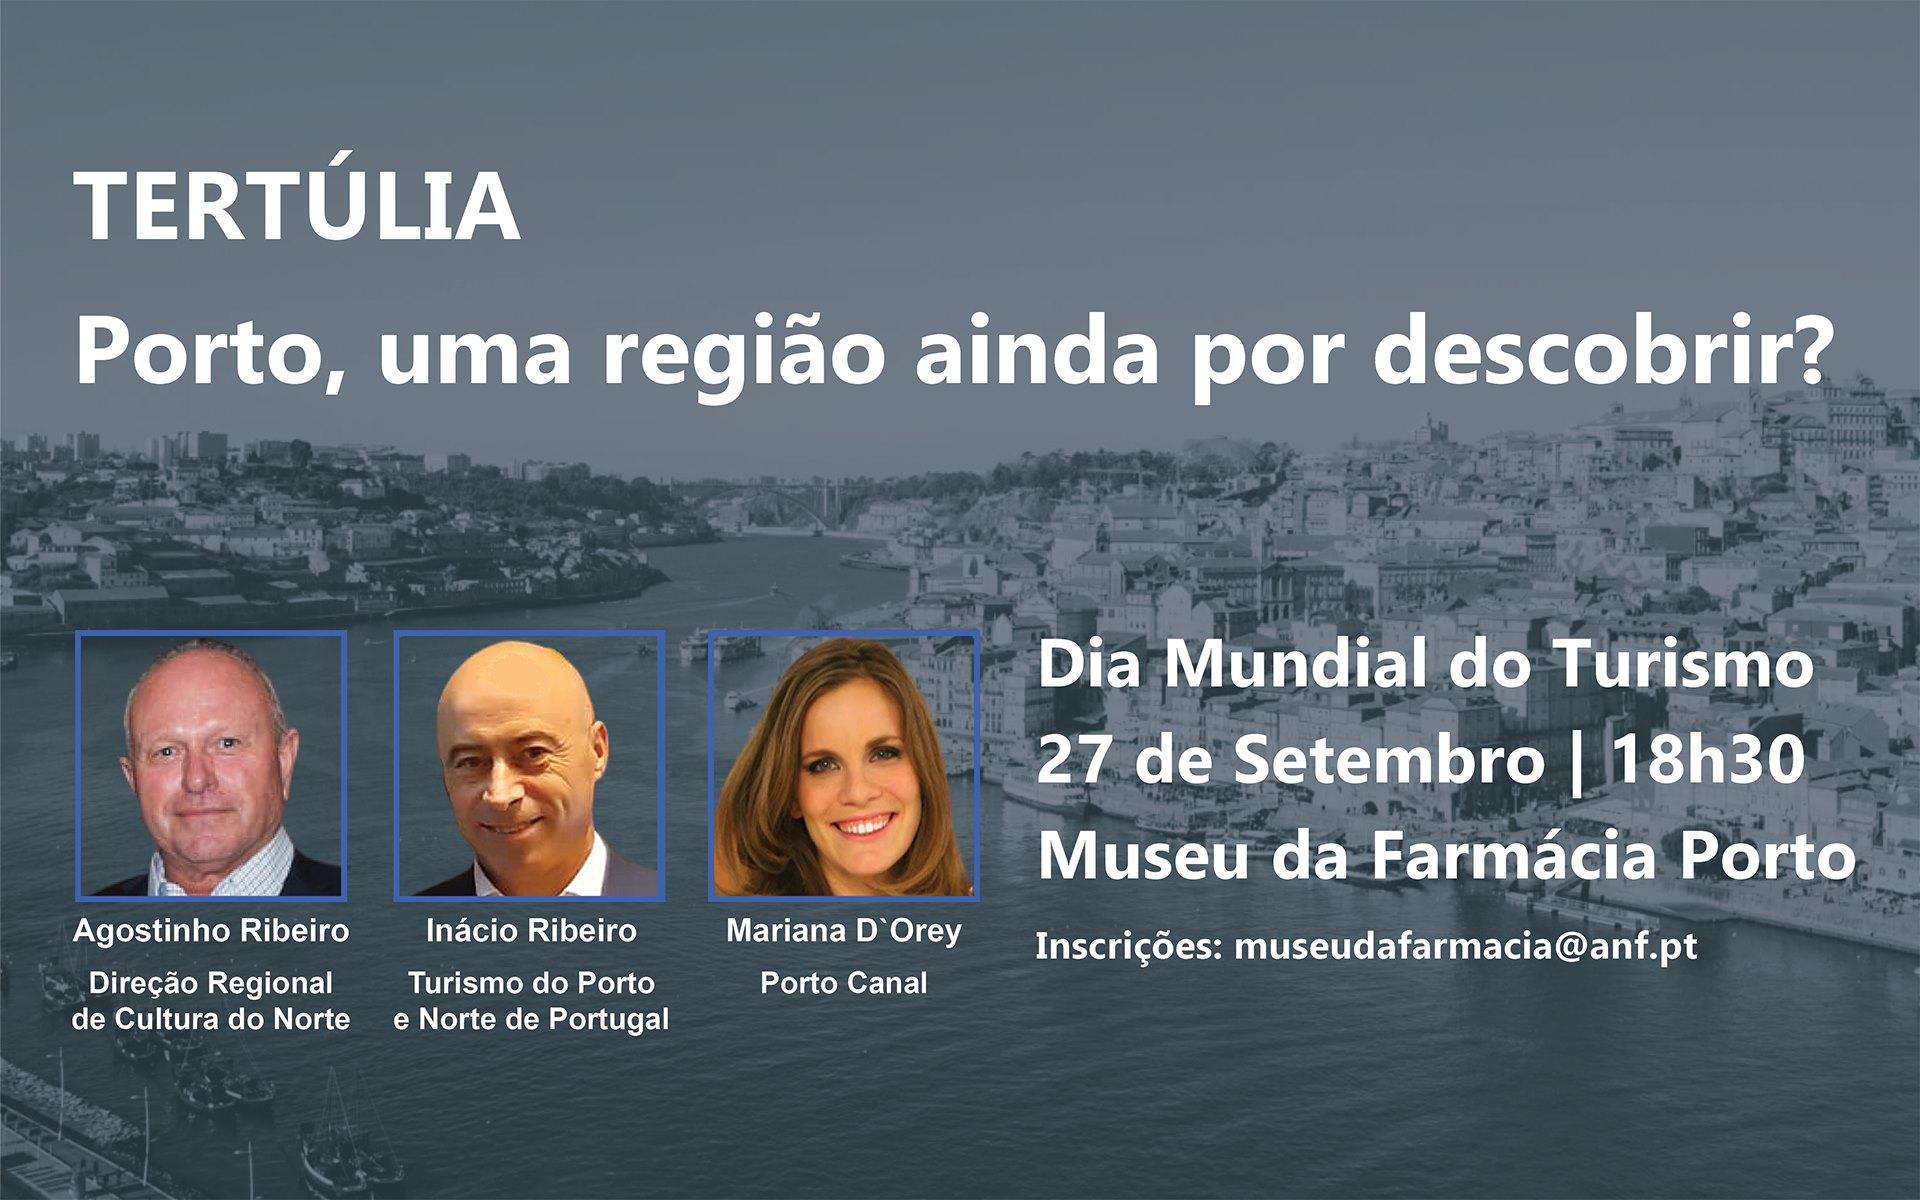 Tertúlia 'Porto, uma região ainda por descobrir?'